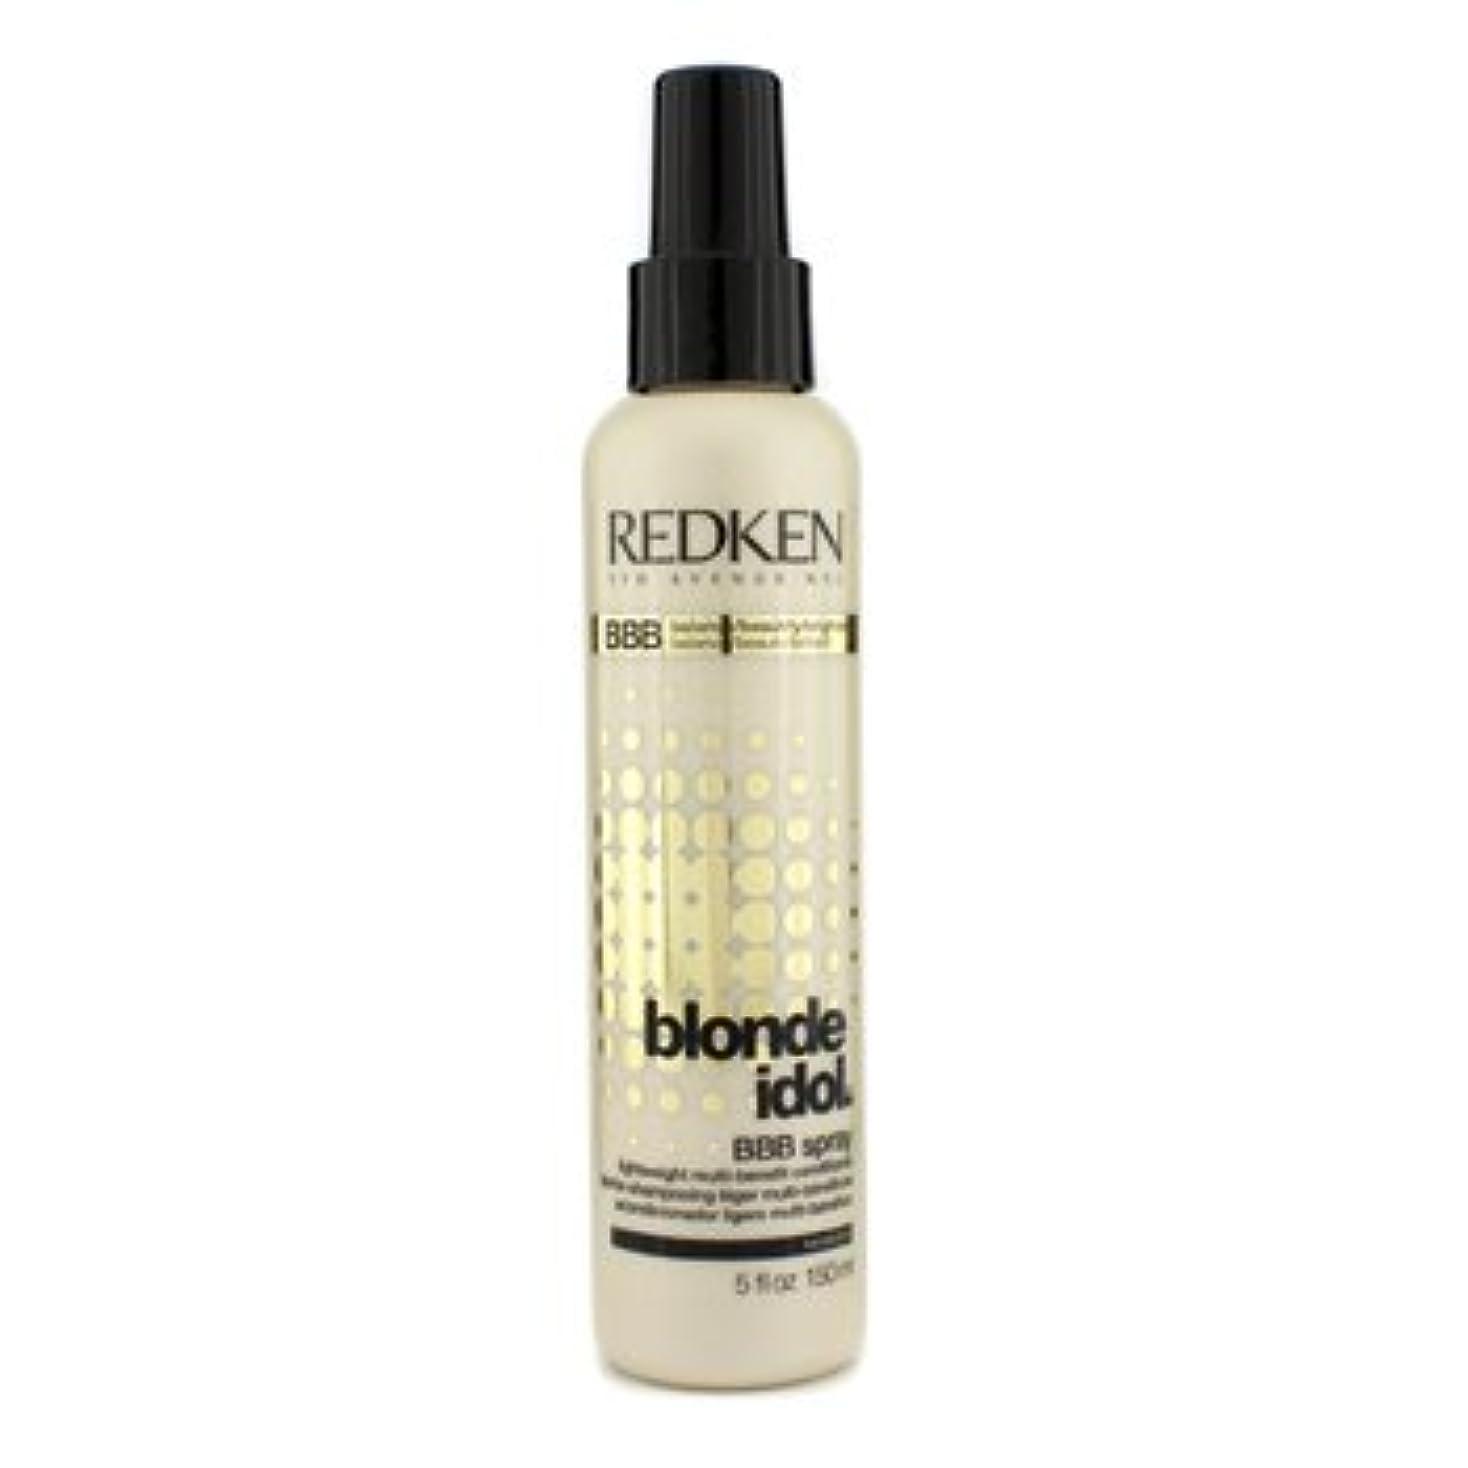 ハリケーン本体慎重に[Redken] Blonde Idol BBB Spray Lightweight Multi-Benefit Conditioner (For Beautiful Blonde Hair) 150ml/5oz